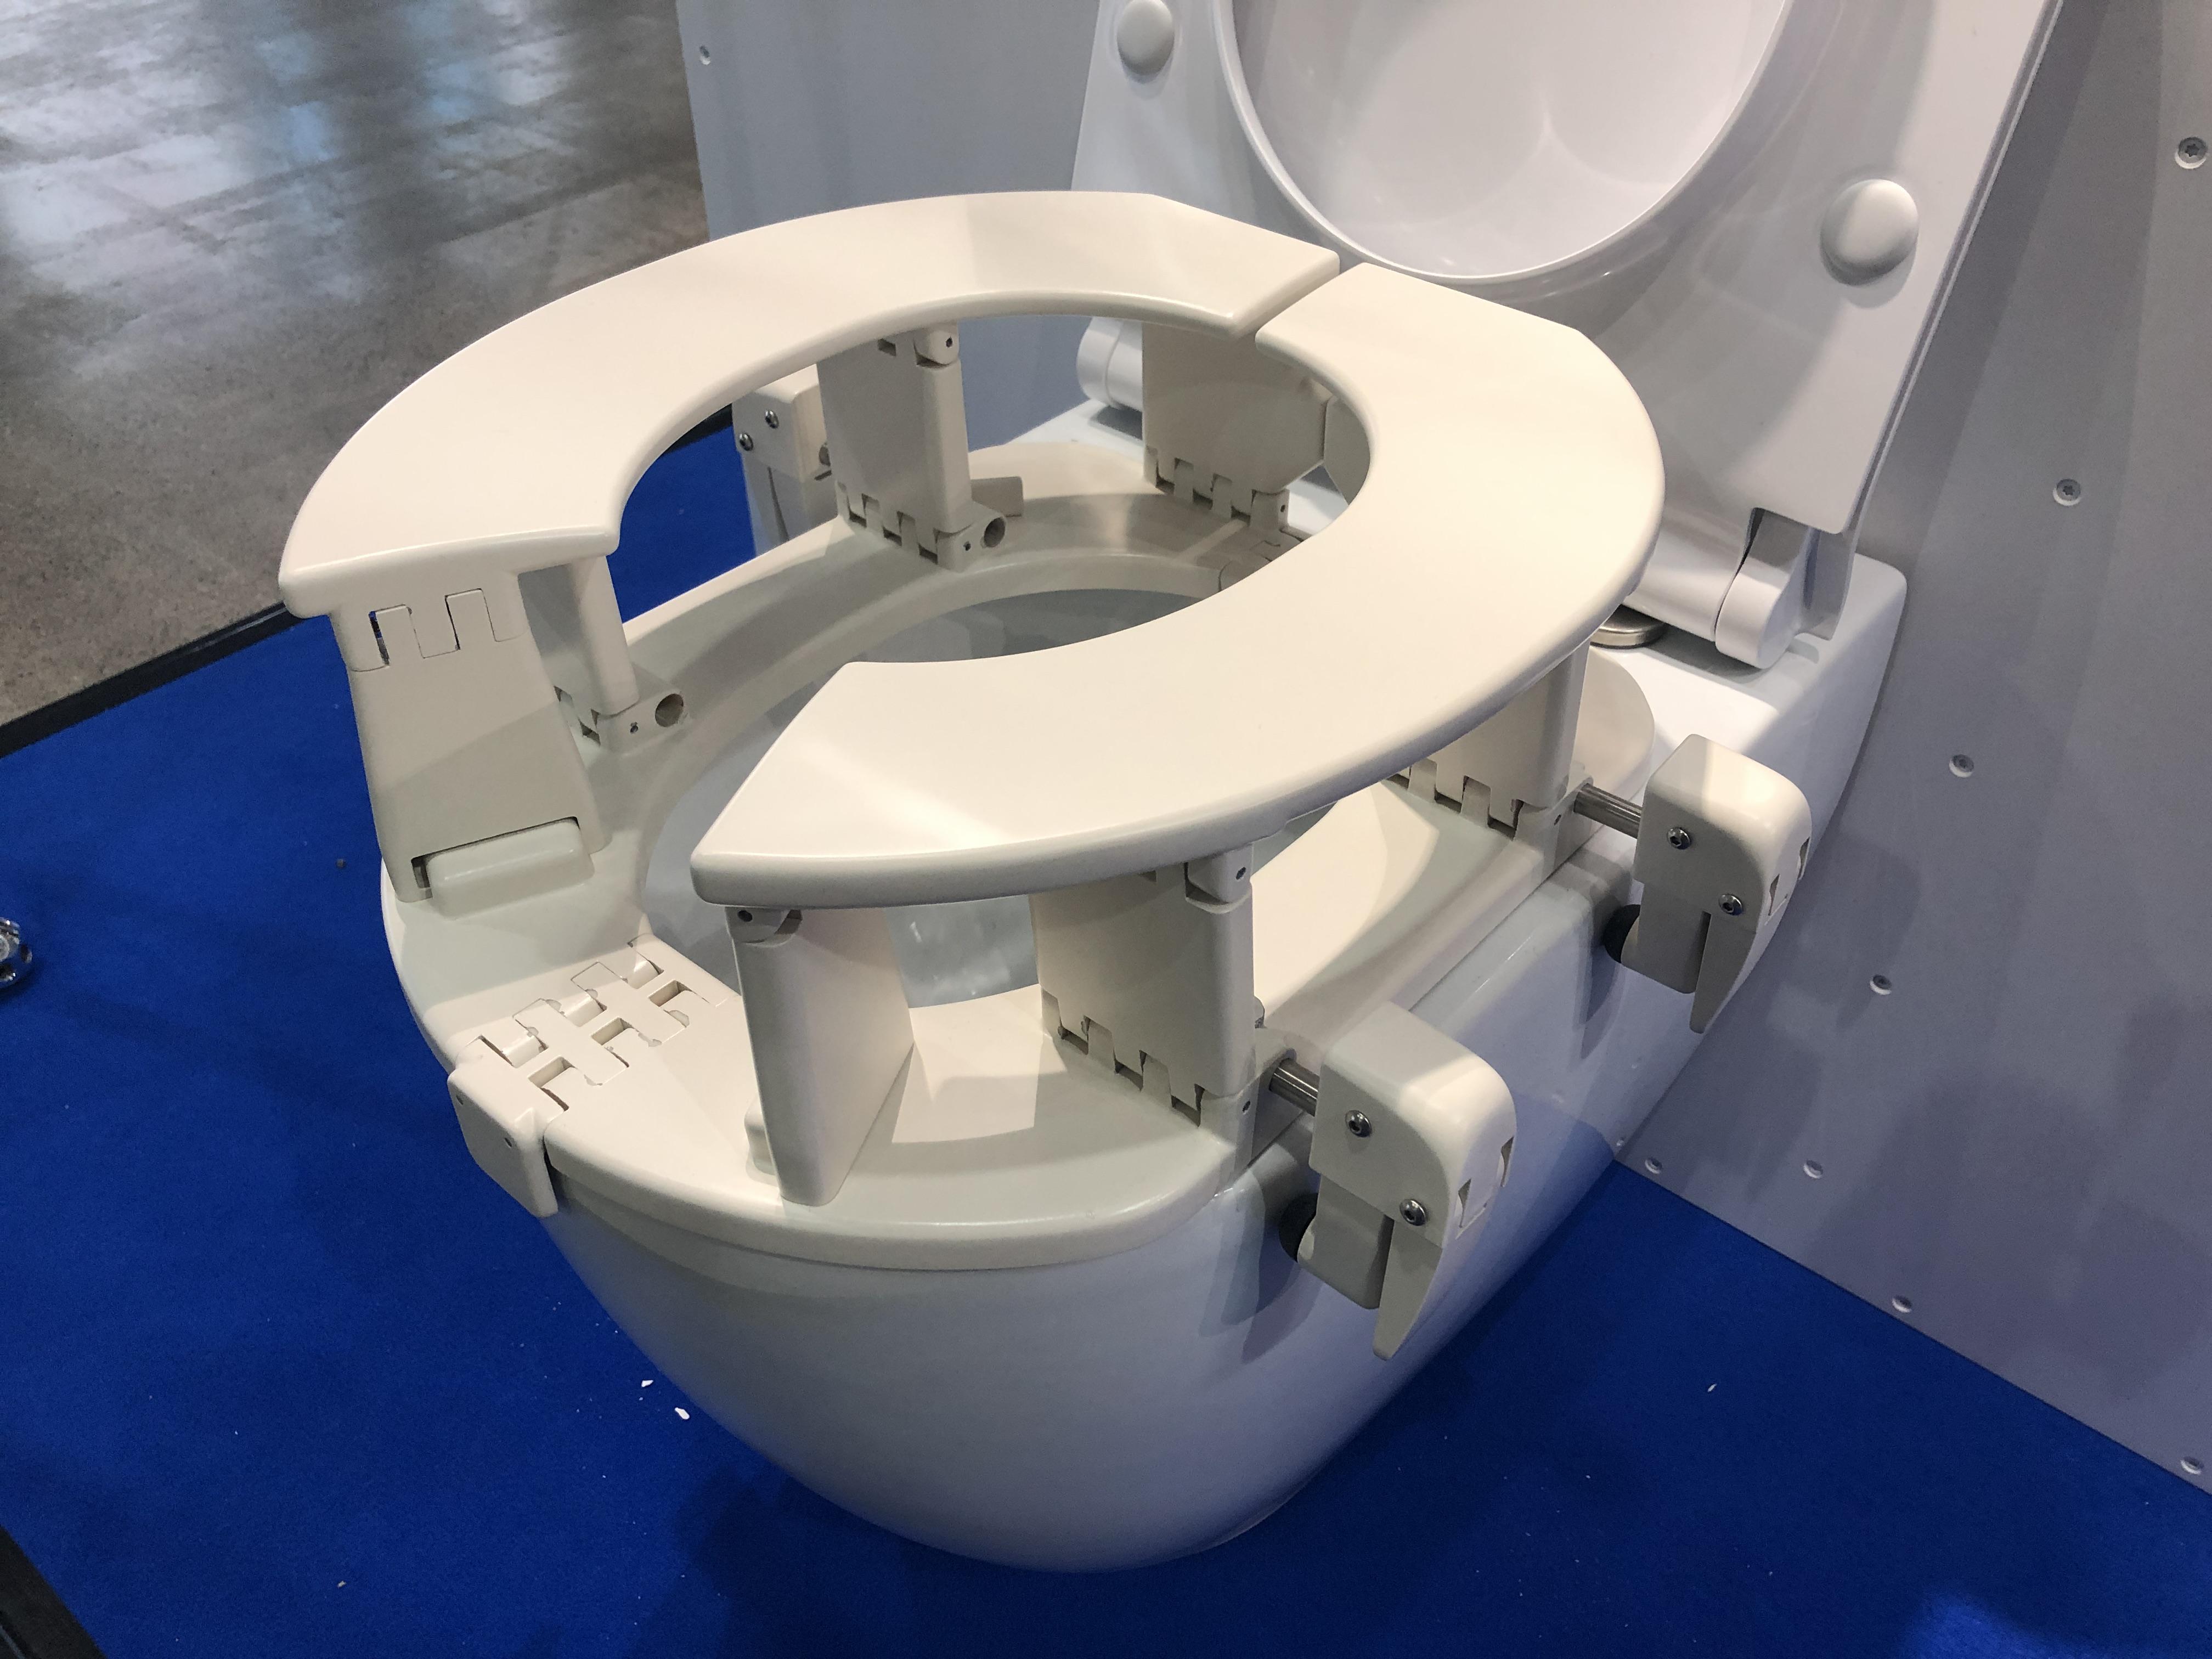 Der Reise Toilettensitz angebracht an einer Toilette